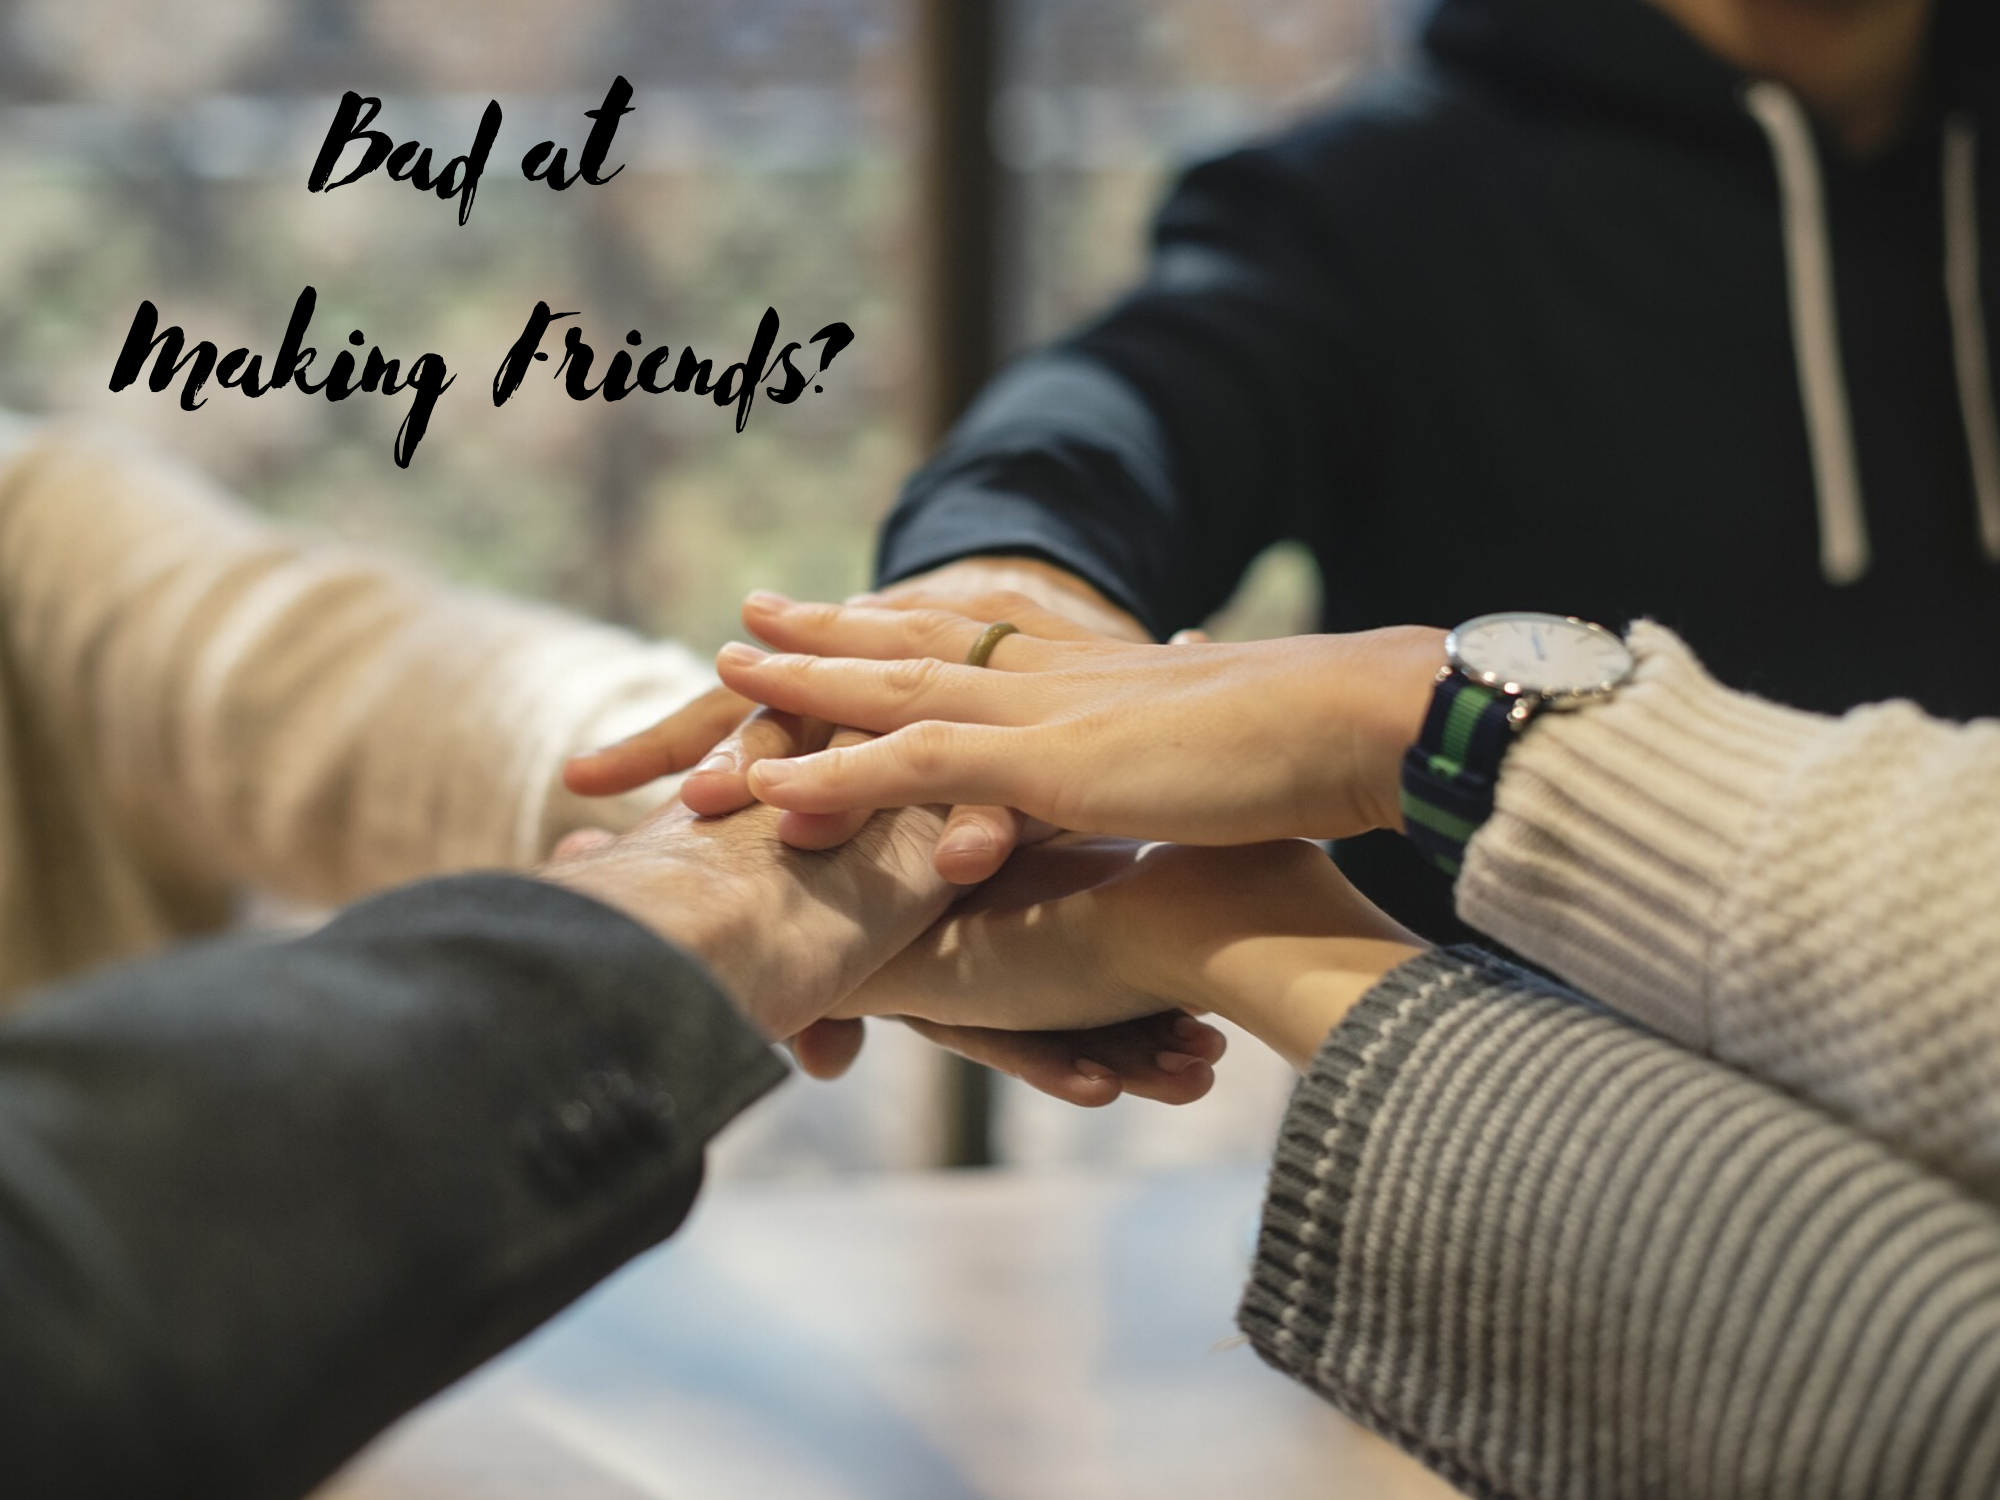 Bad at Making Friends?